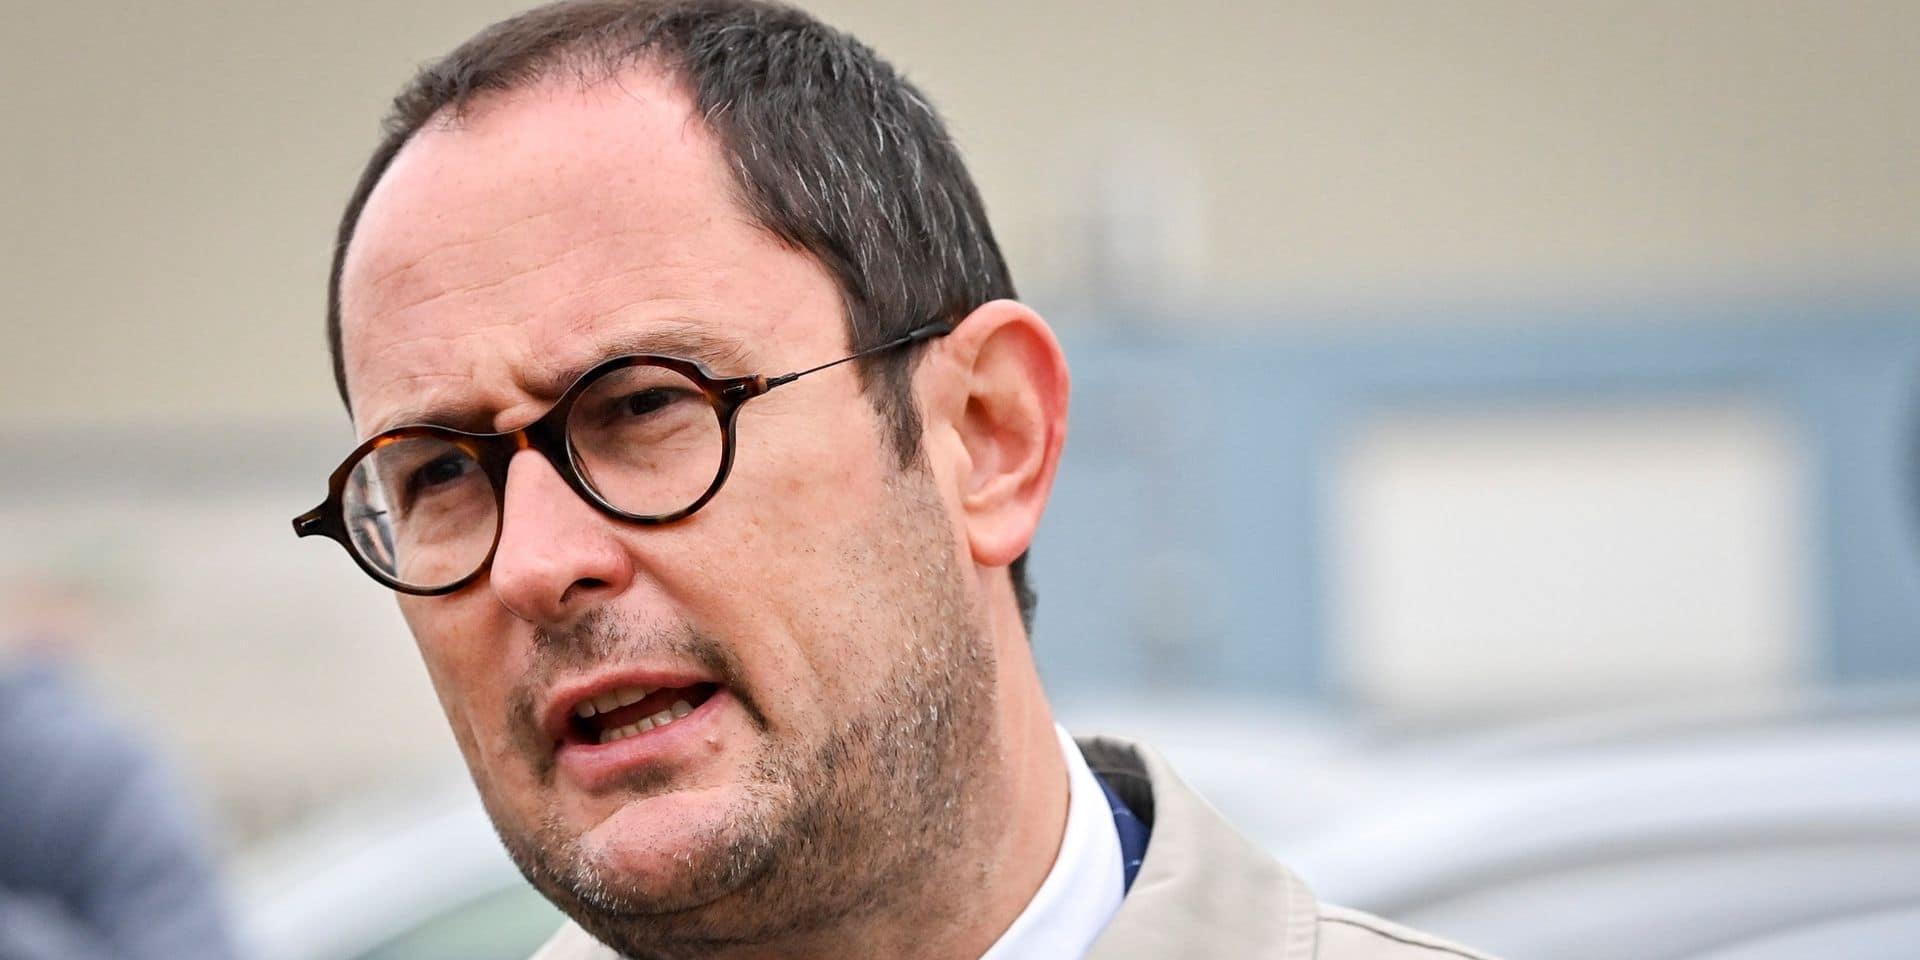 Van Quickenborne a demandé à la Sûreté de l'Etat d'enquêter en profondeur sur l'Exécutif des musulmans de Belgique